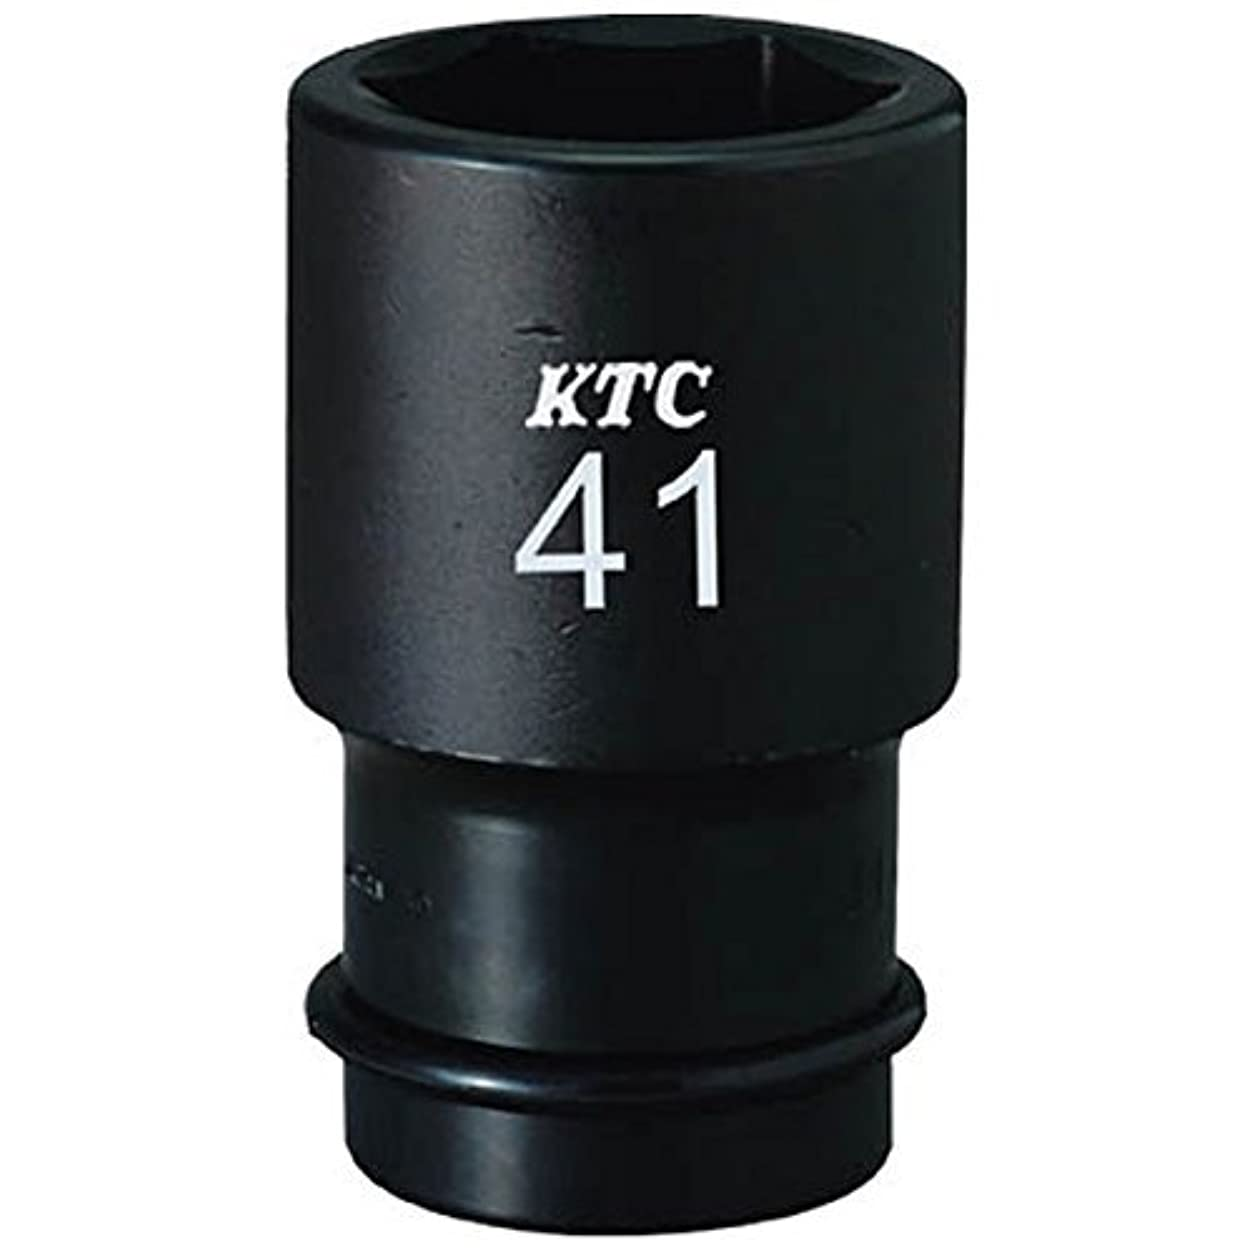 発動機求人最大限BP8L-32TP 25.4sq.インパクトレンチ用ソケット(ディ-プ薄肉) 32mm